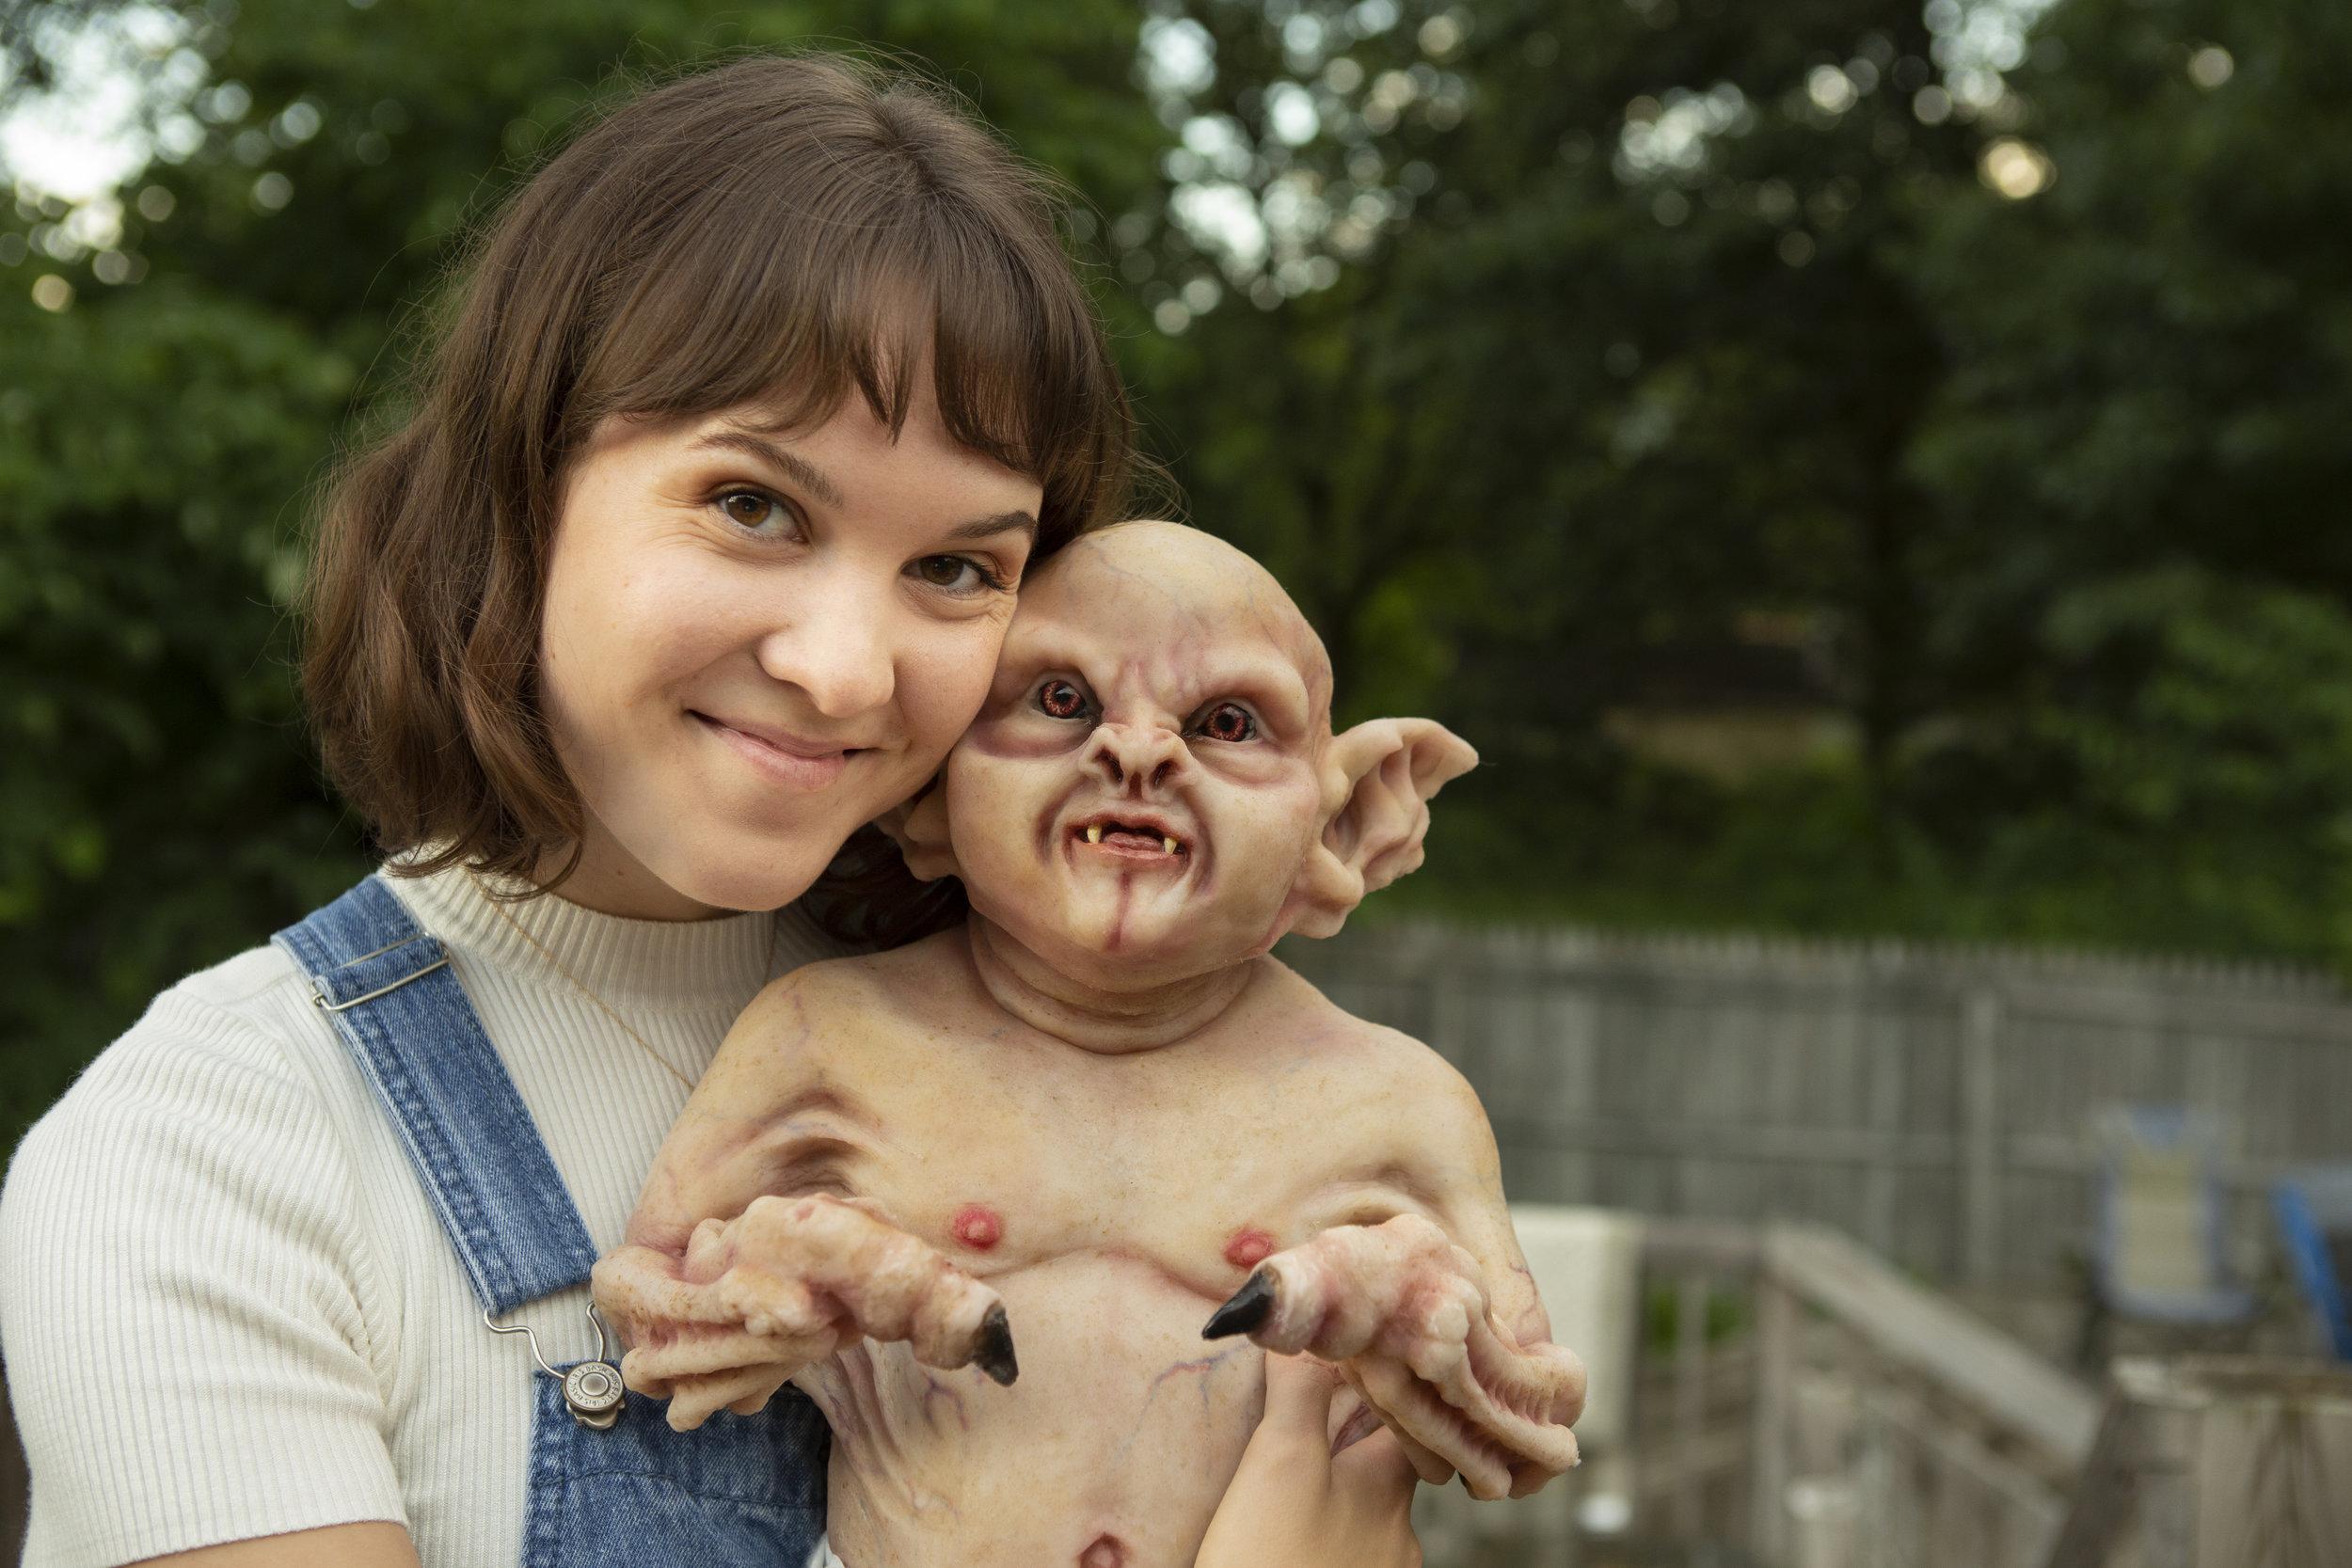 Mother's Love  | Newborn Vampire  | Newborn photoshoot | Ravendark Creations Vampire Baby | Newborn Photoshoots | Alyssia Booth's Candid & Studio | www.abcandidstudio.com